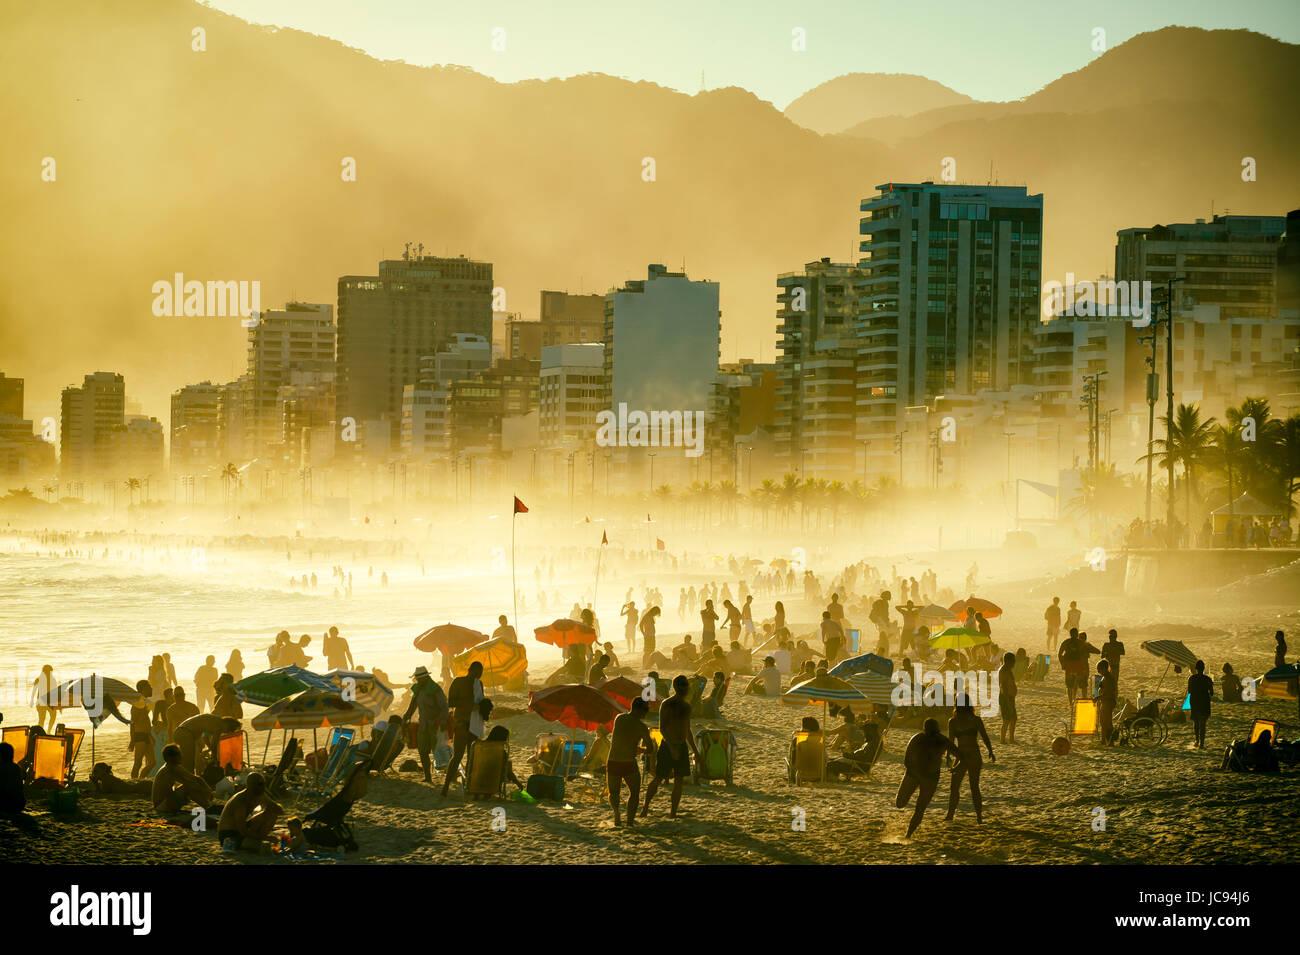 RIO DE JANEIRO - 20. März 2017: Silhouetten von Menschen Enjoing golden nebeligen Sonnenuntergang Ufer der Stockbild